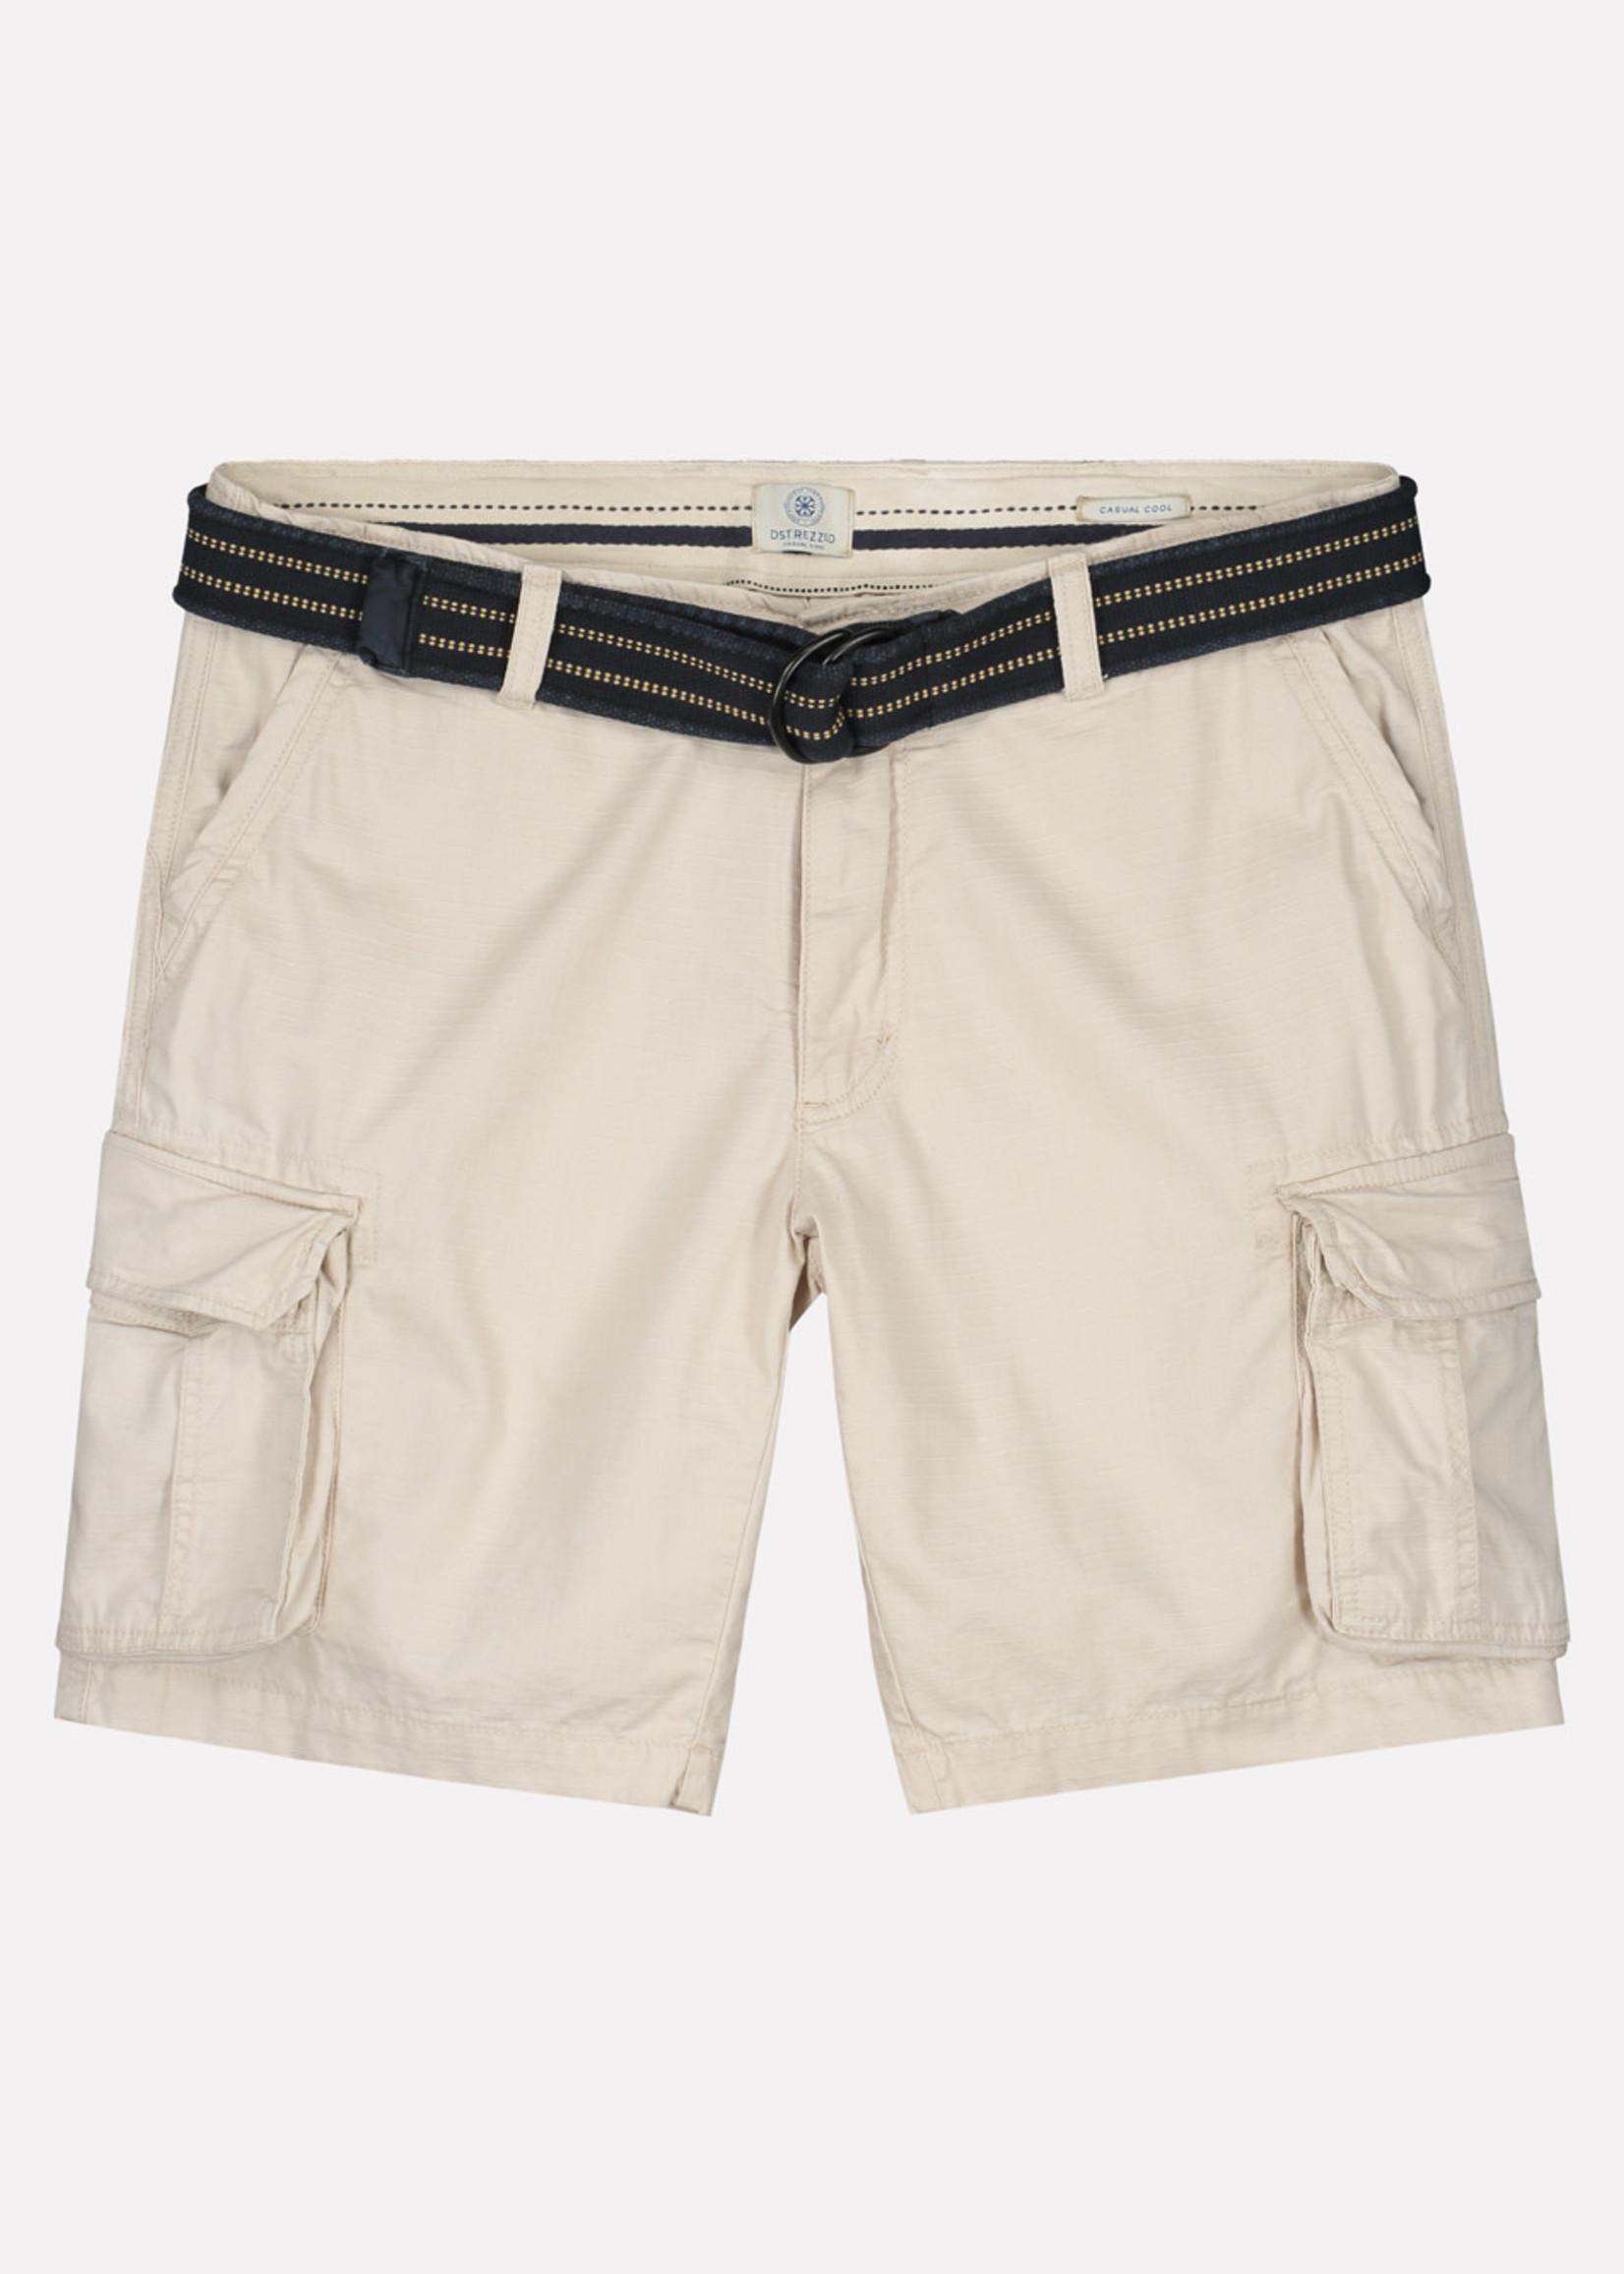 Dstrezzed Cargo korte broek ripstop met riem | Beige | Dstrezzed